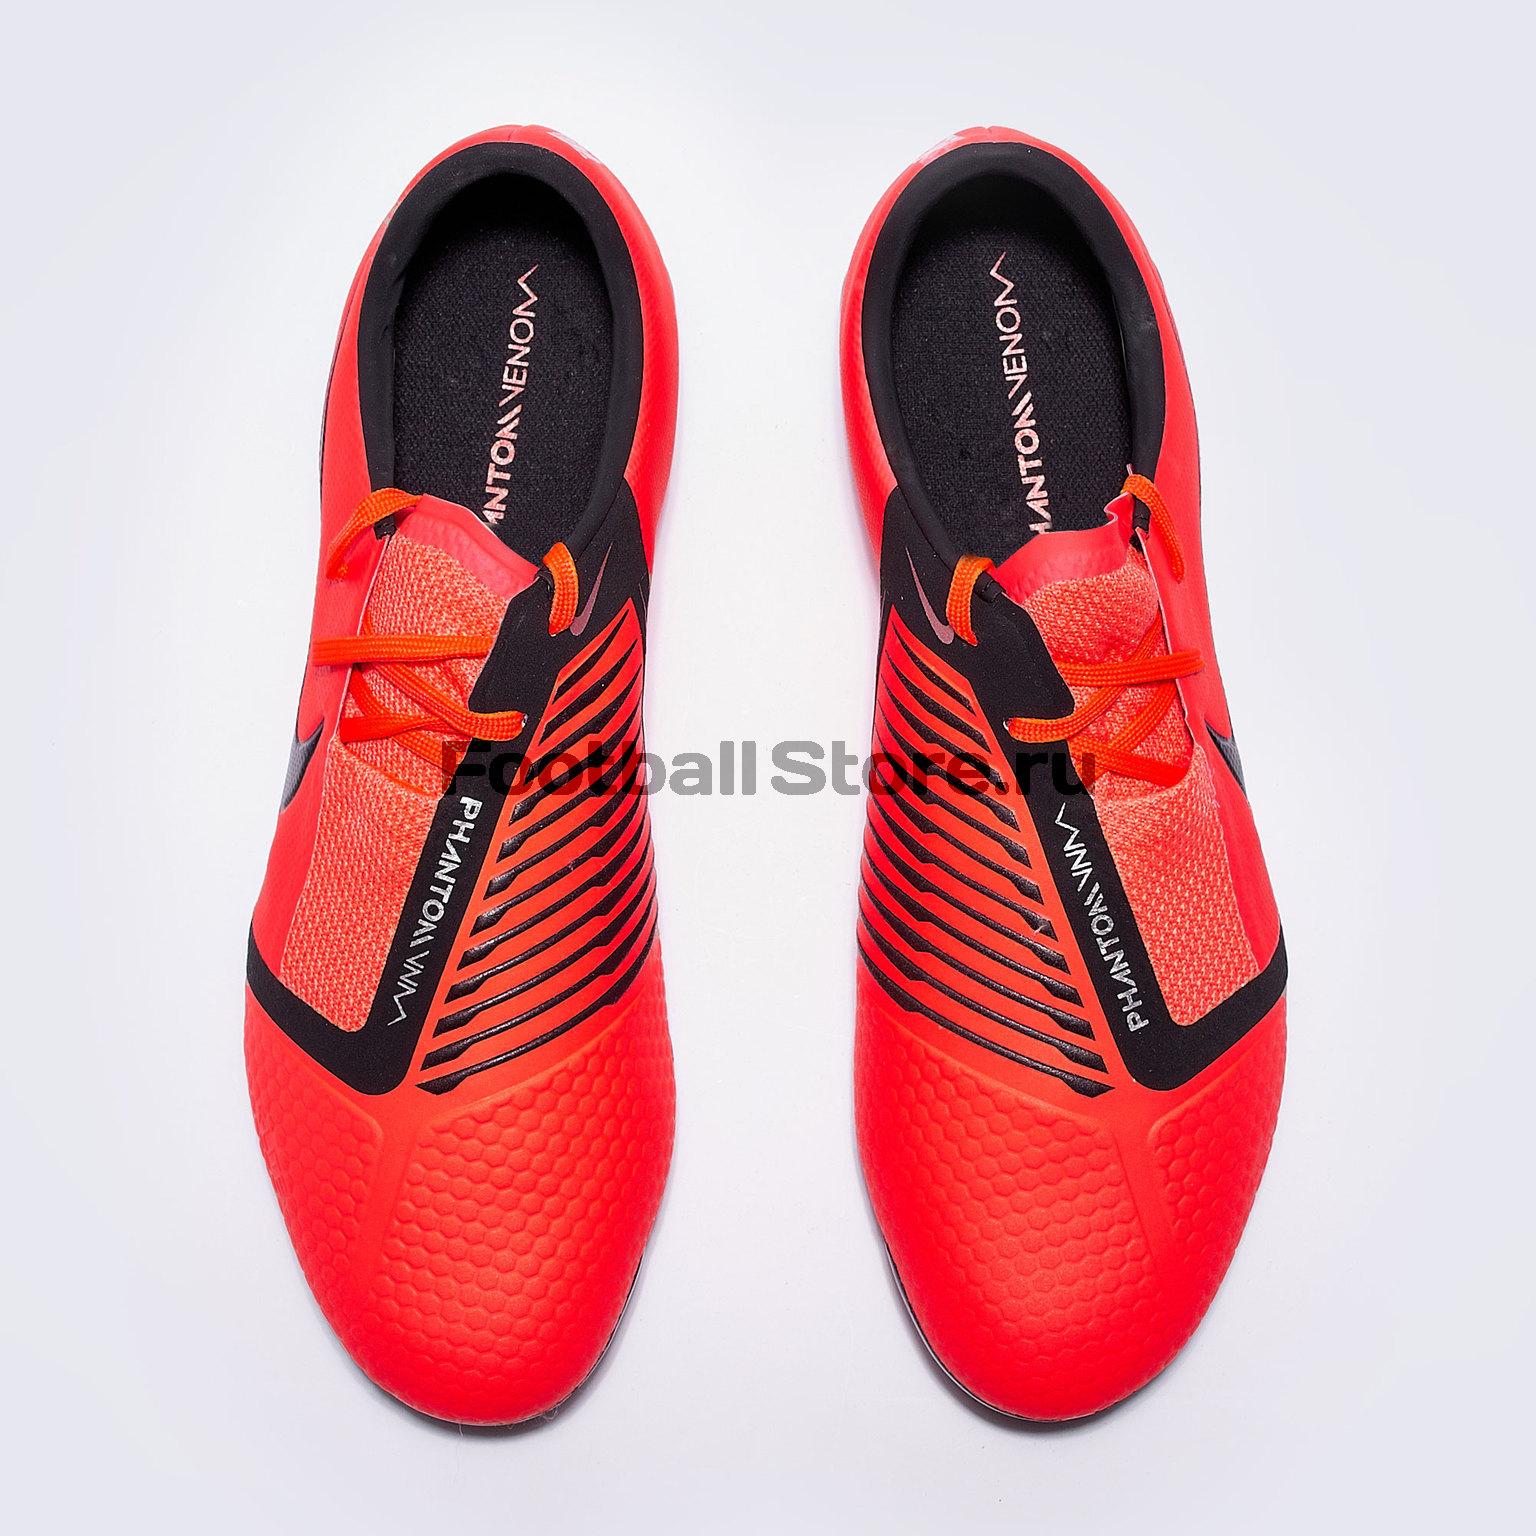 3e46cac1 Бутсы Nike Phantom Venom Pro FG AO8738-600 – купить бутсы в интернет ...